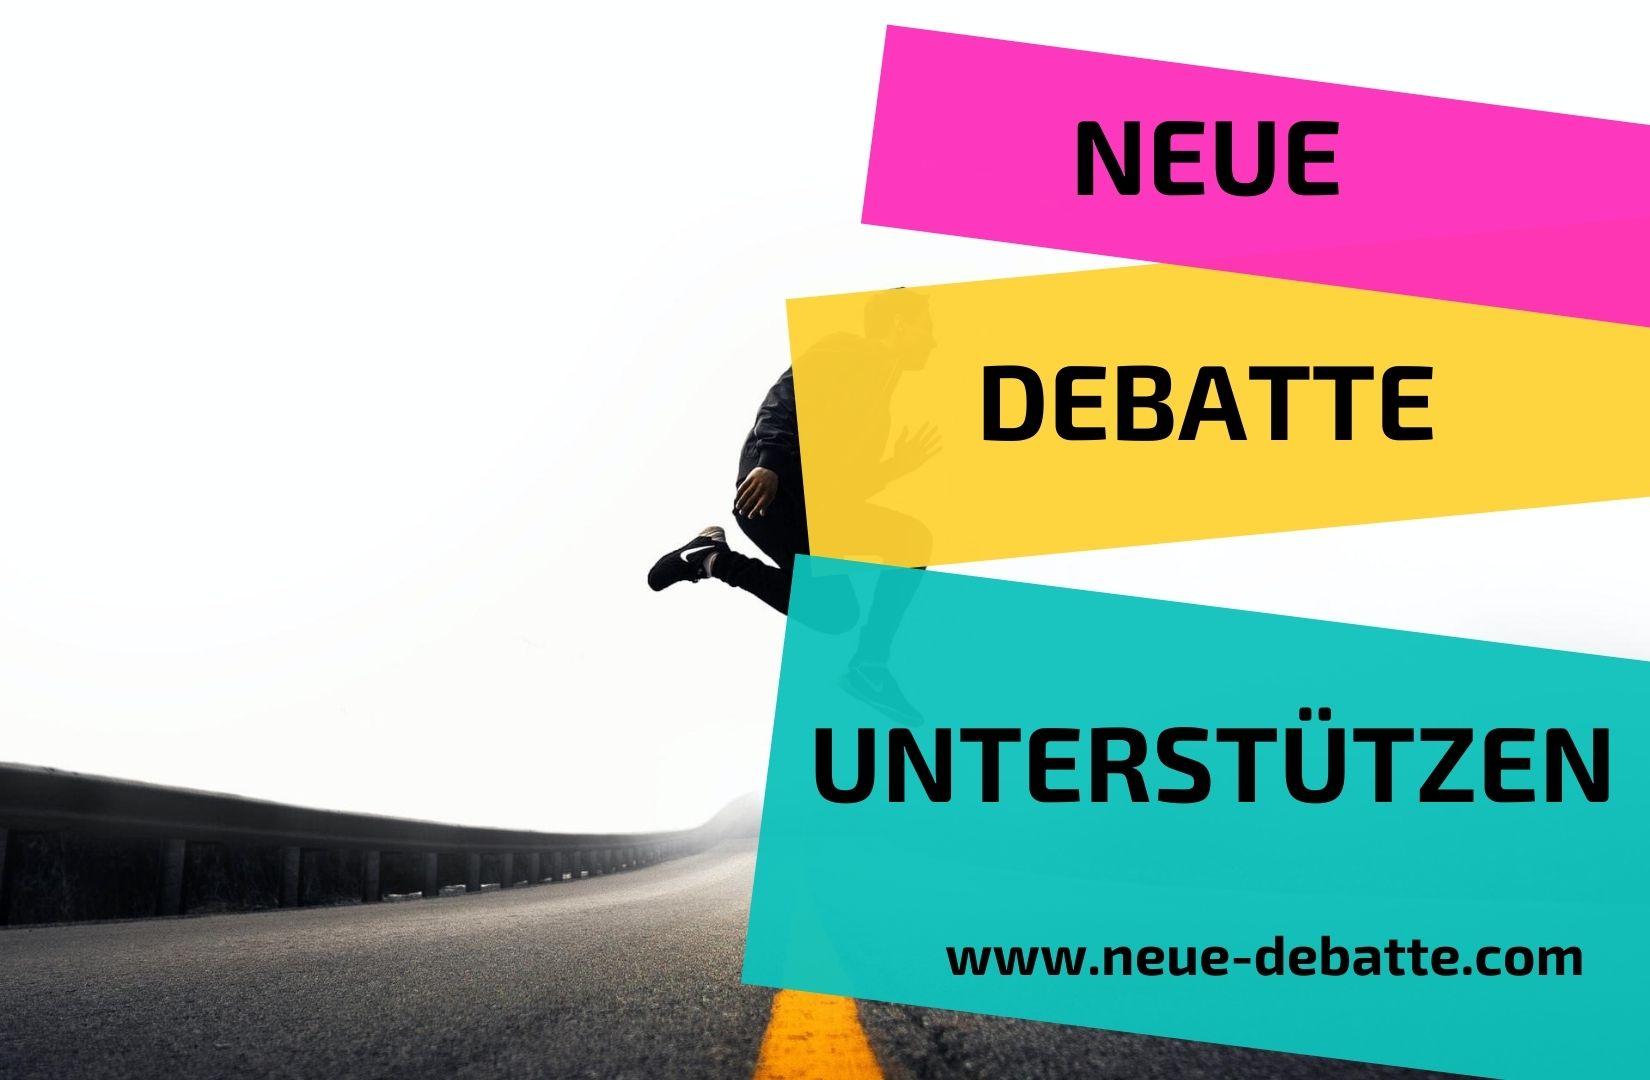 Neue Debatte Unterstützen